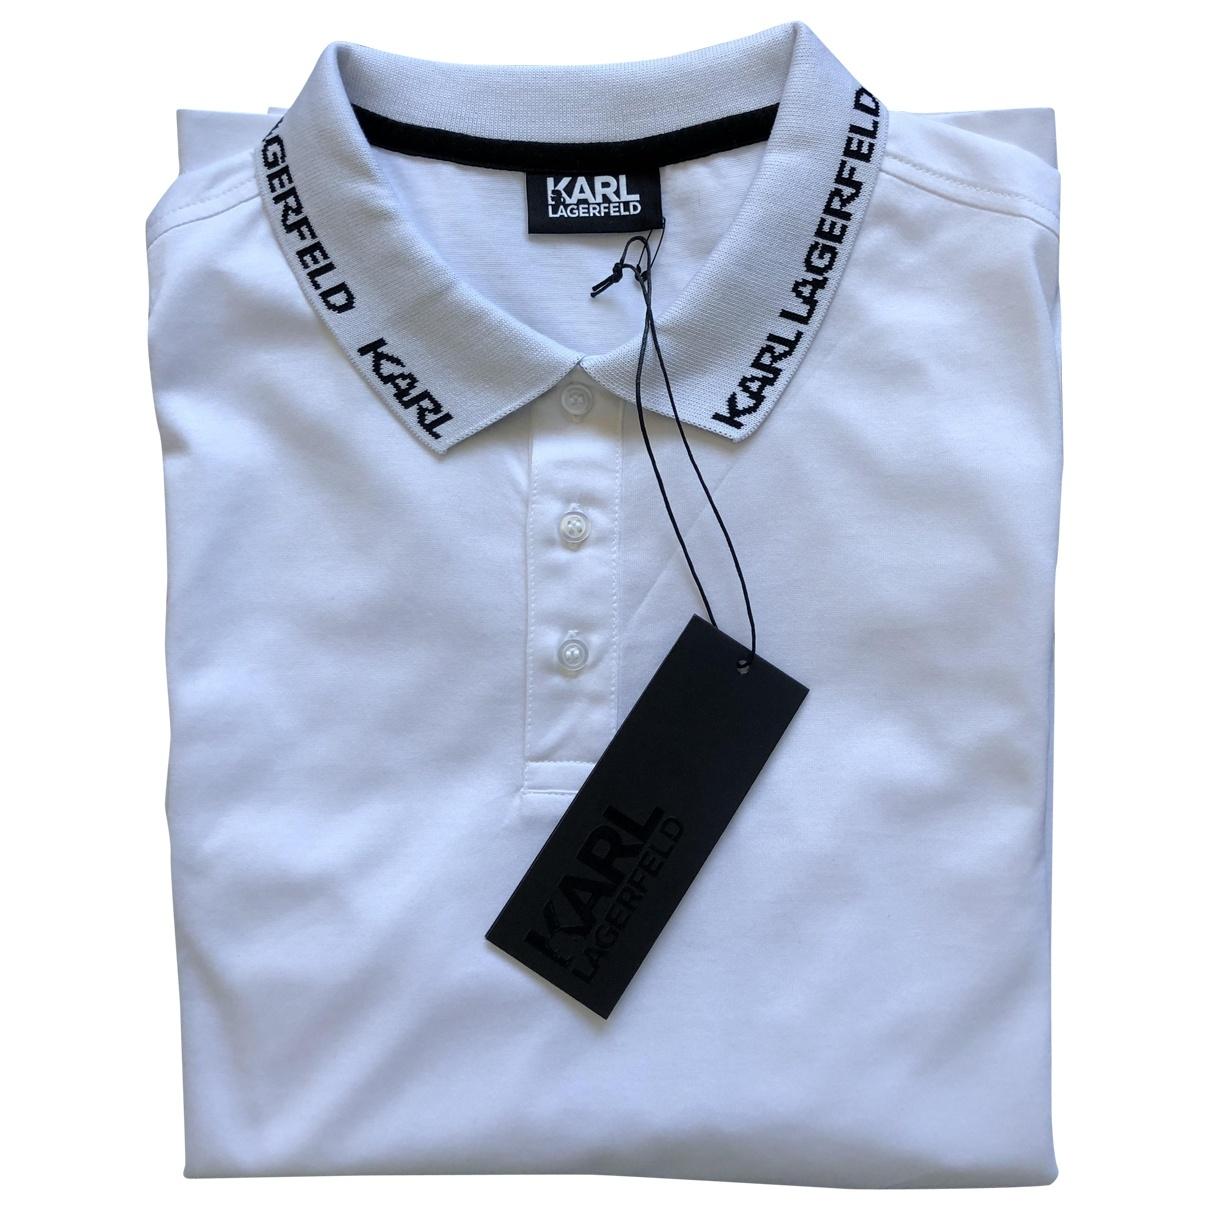 Polo en Algodon Blanco Karl Lagerfeld